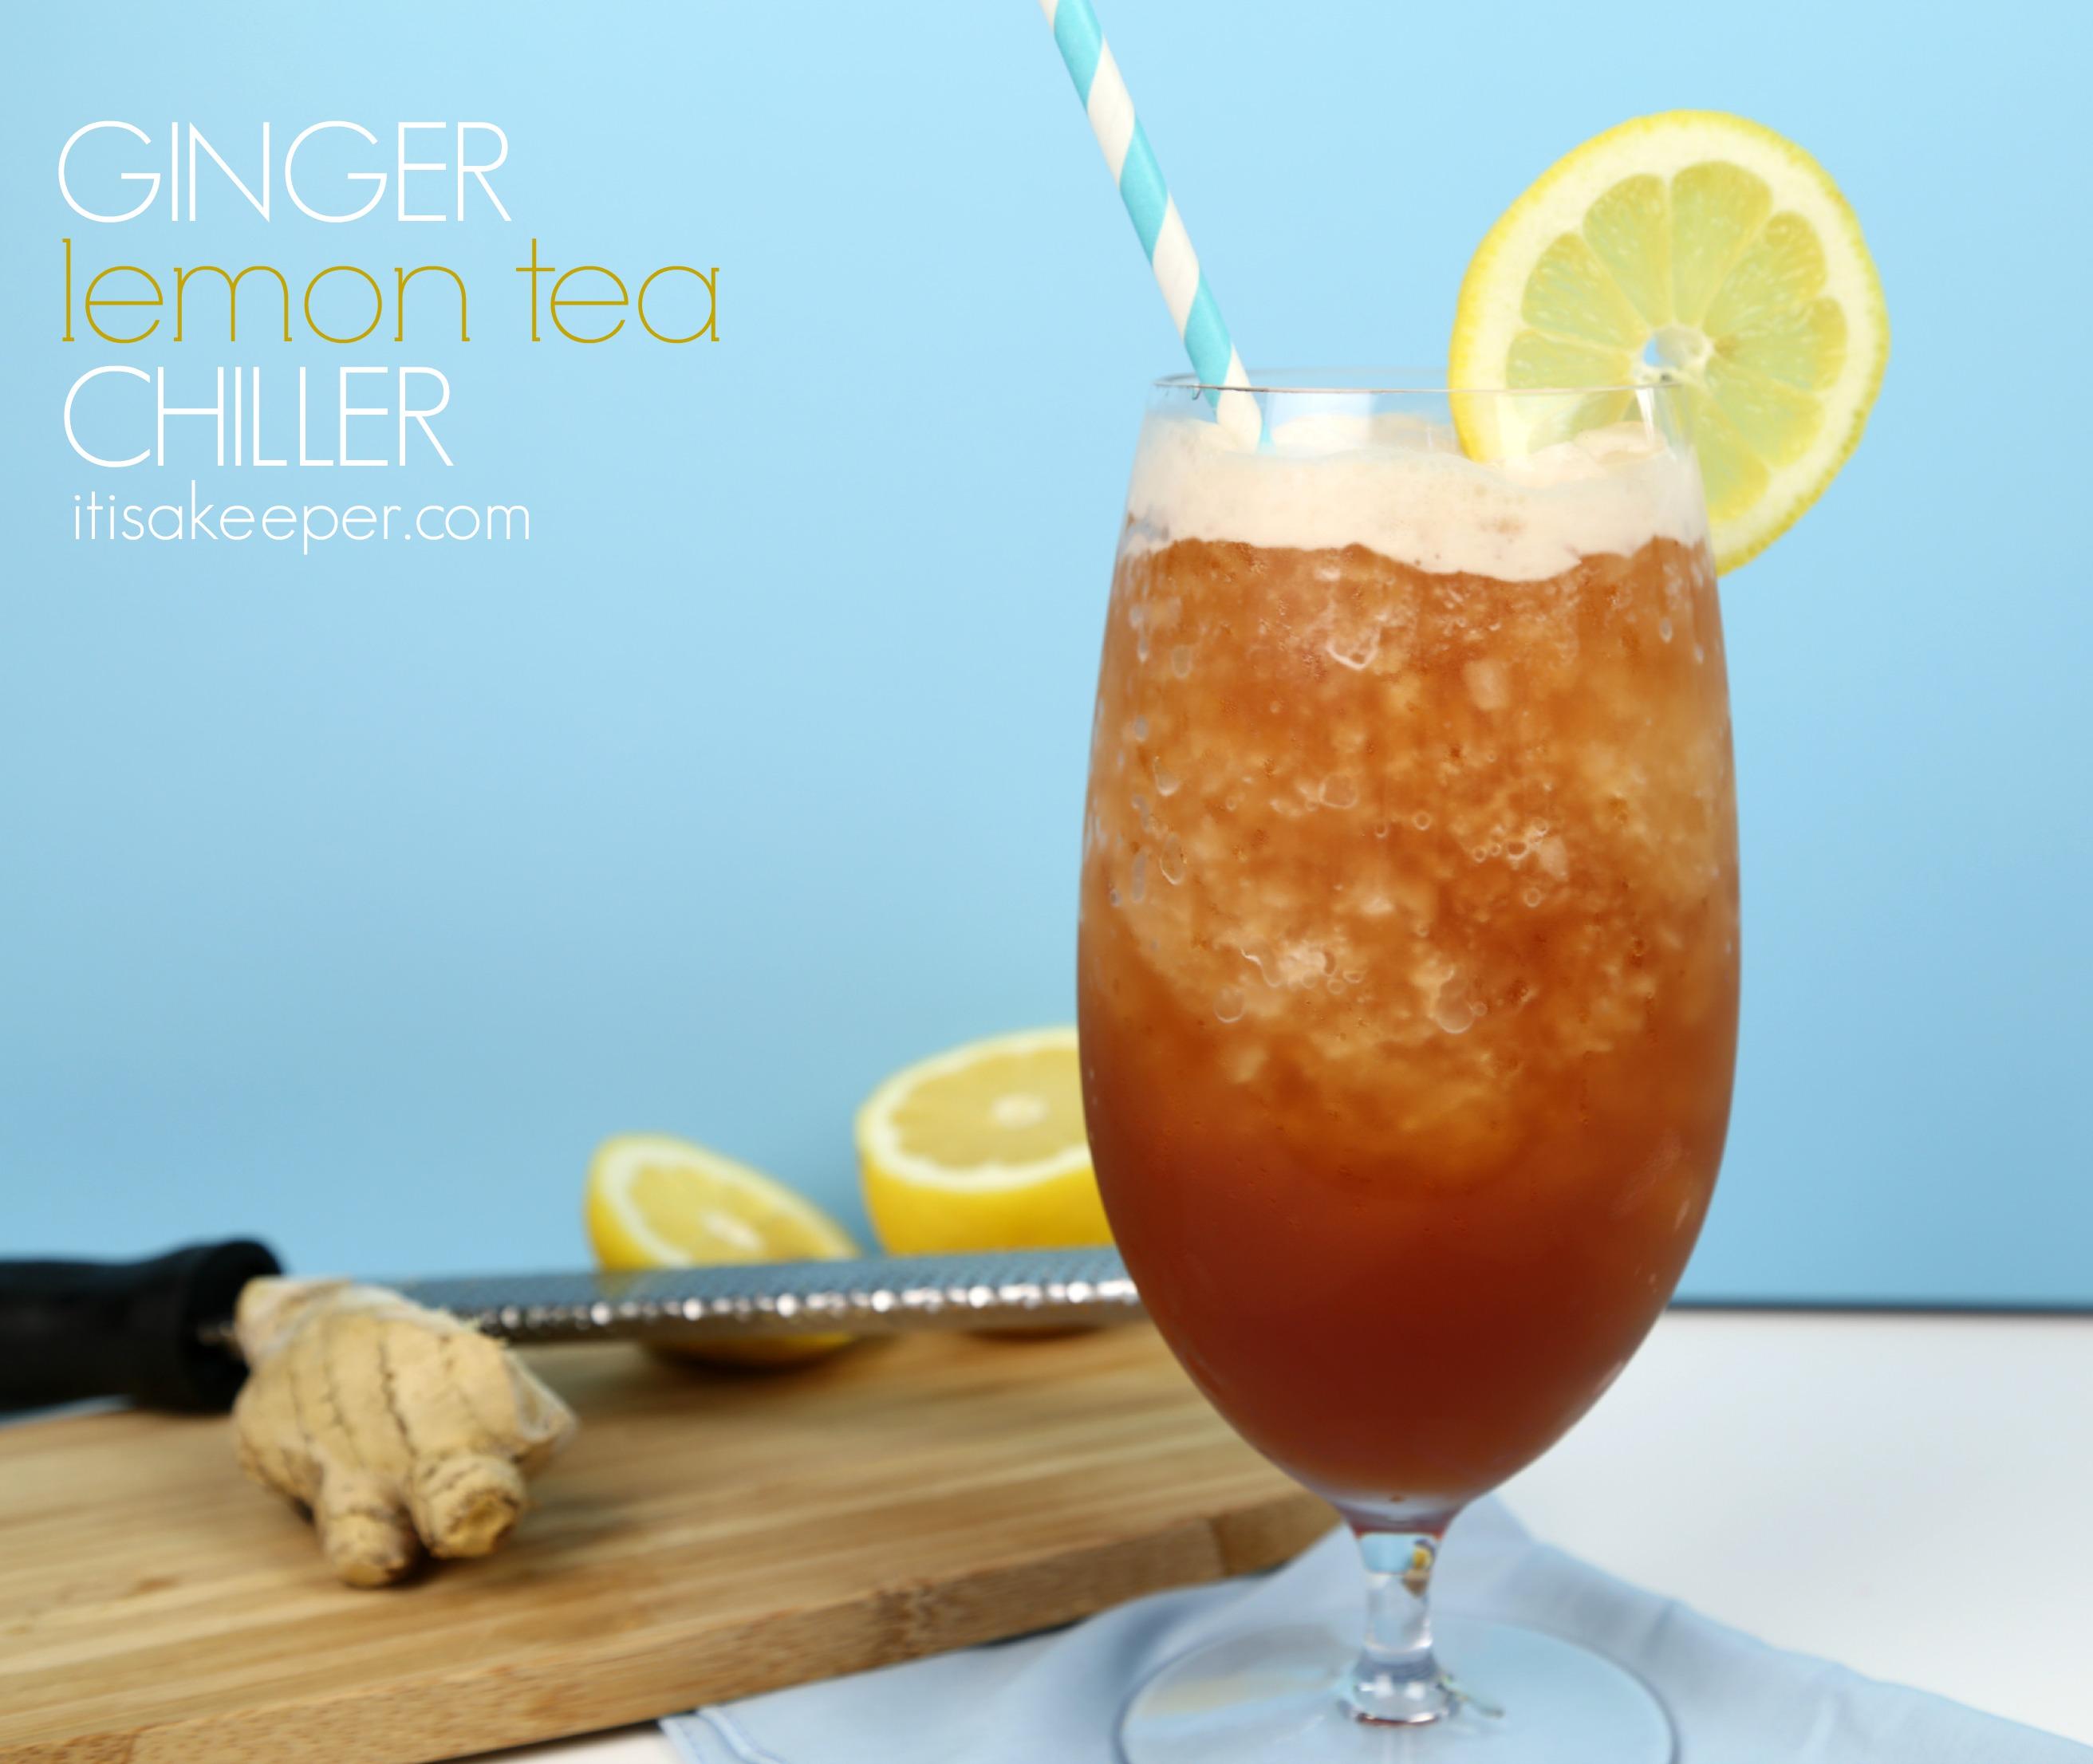 Ginger Lemon Iced Tea Chiller